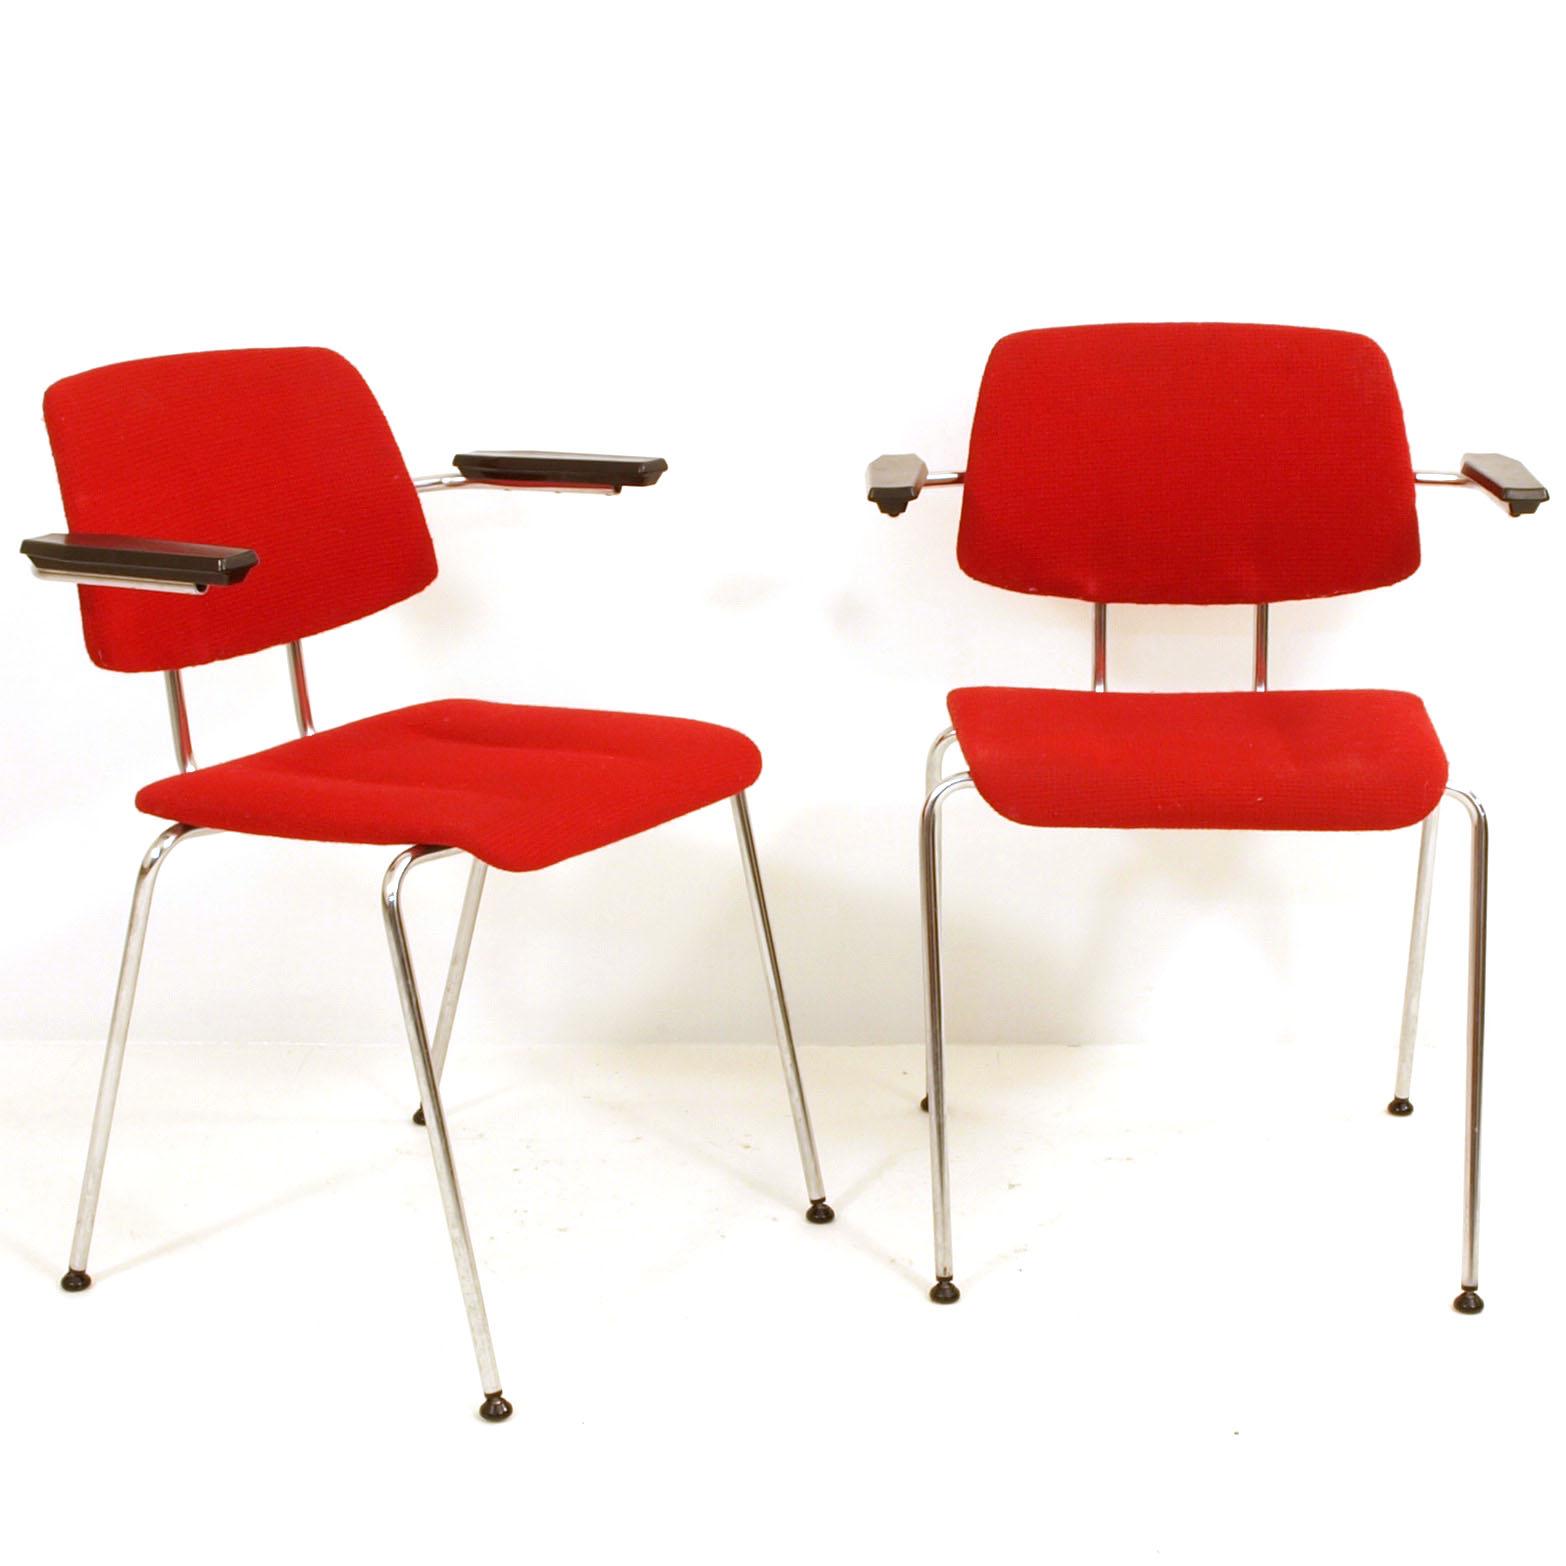 6er set gepolsterte st hle von stella m bel z rich. Black Bedroom Furniture Sets. Home Design Ideas